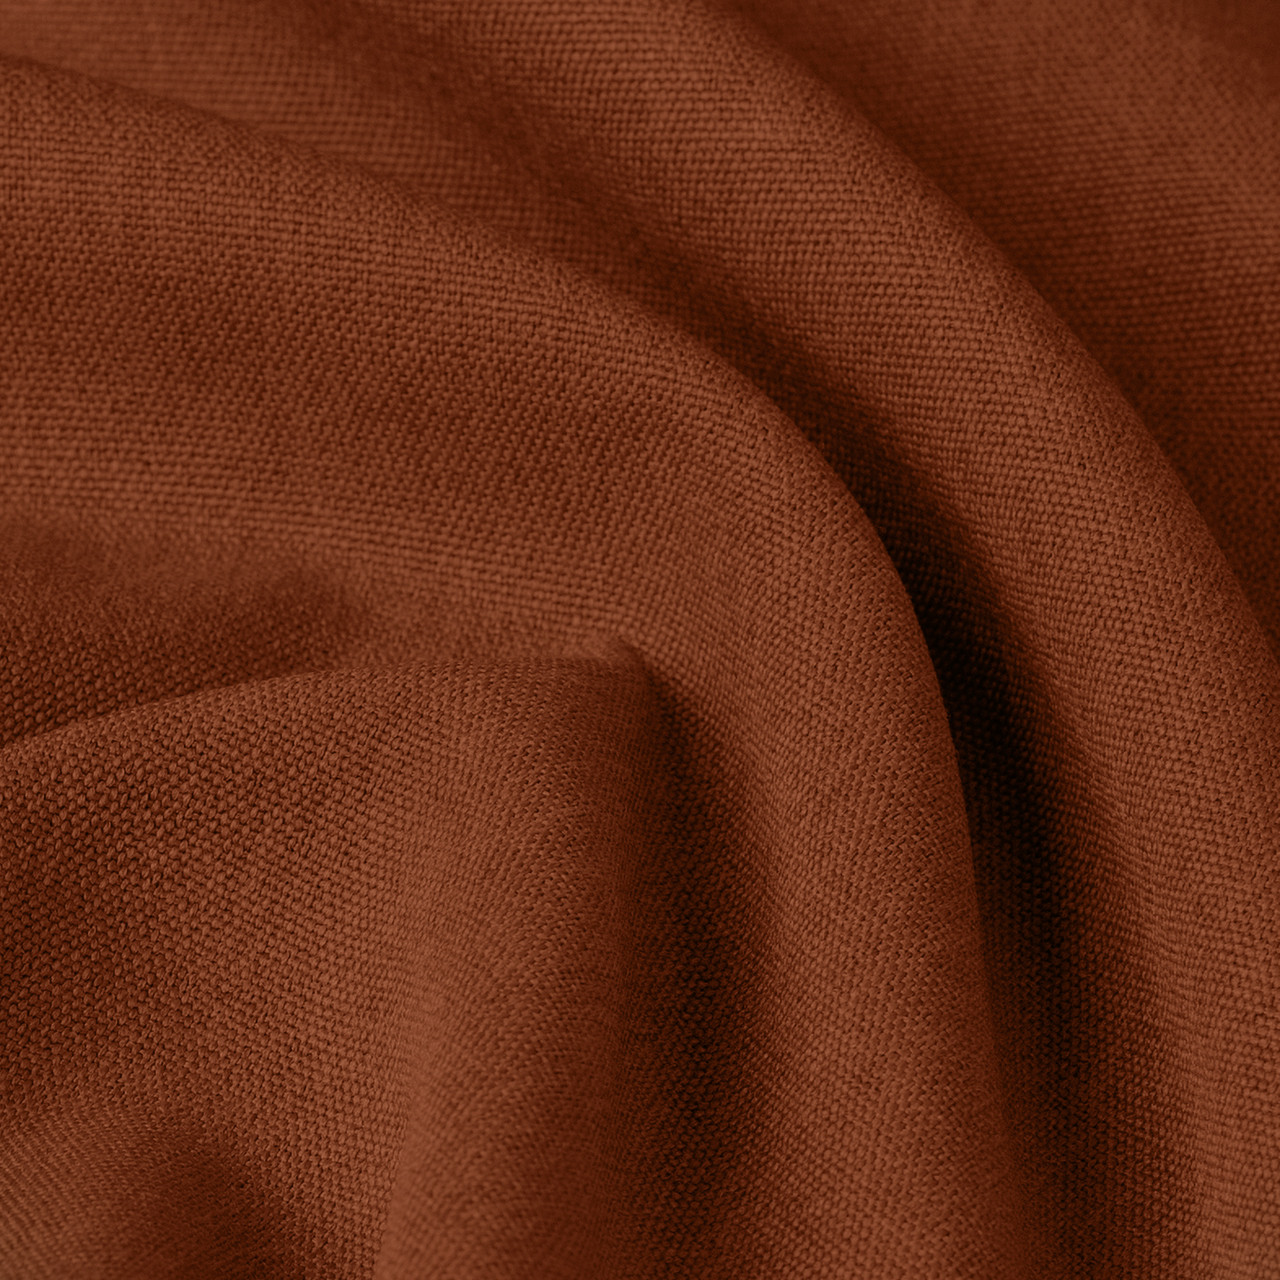 Блекаут фактурний теракотового кольору 300см 85747v6